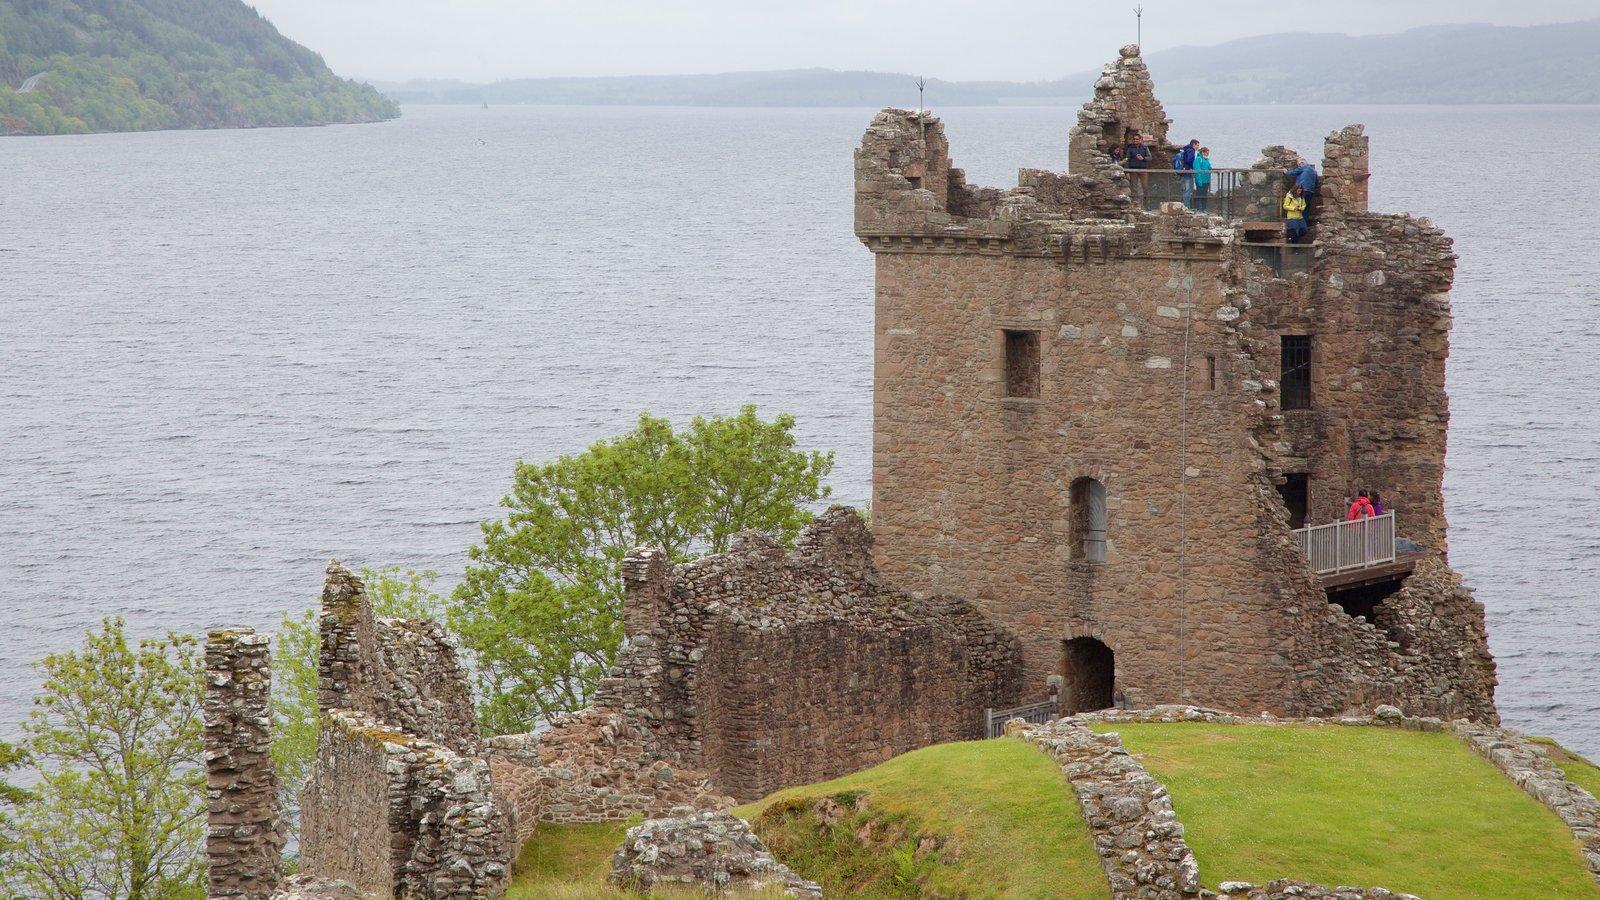 Castillo de Urquhart que incluye ruinas de edificios, un lago o abrevadero y escenas tranquilas